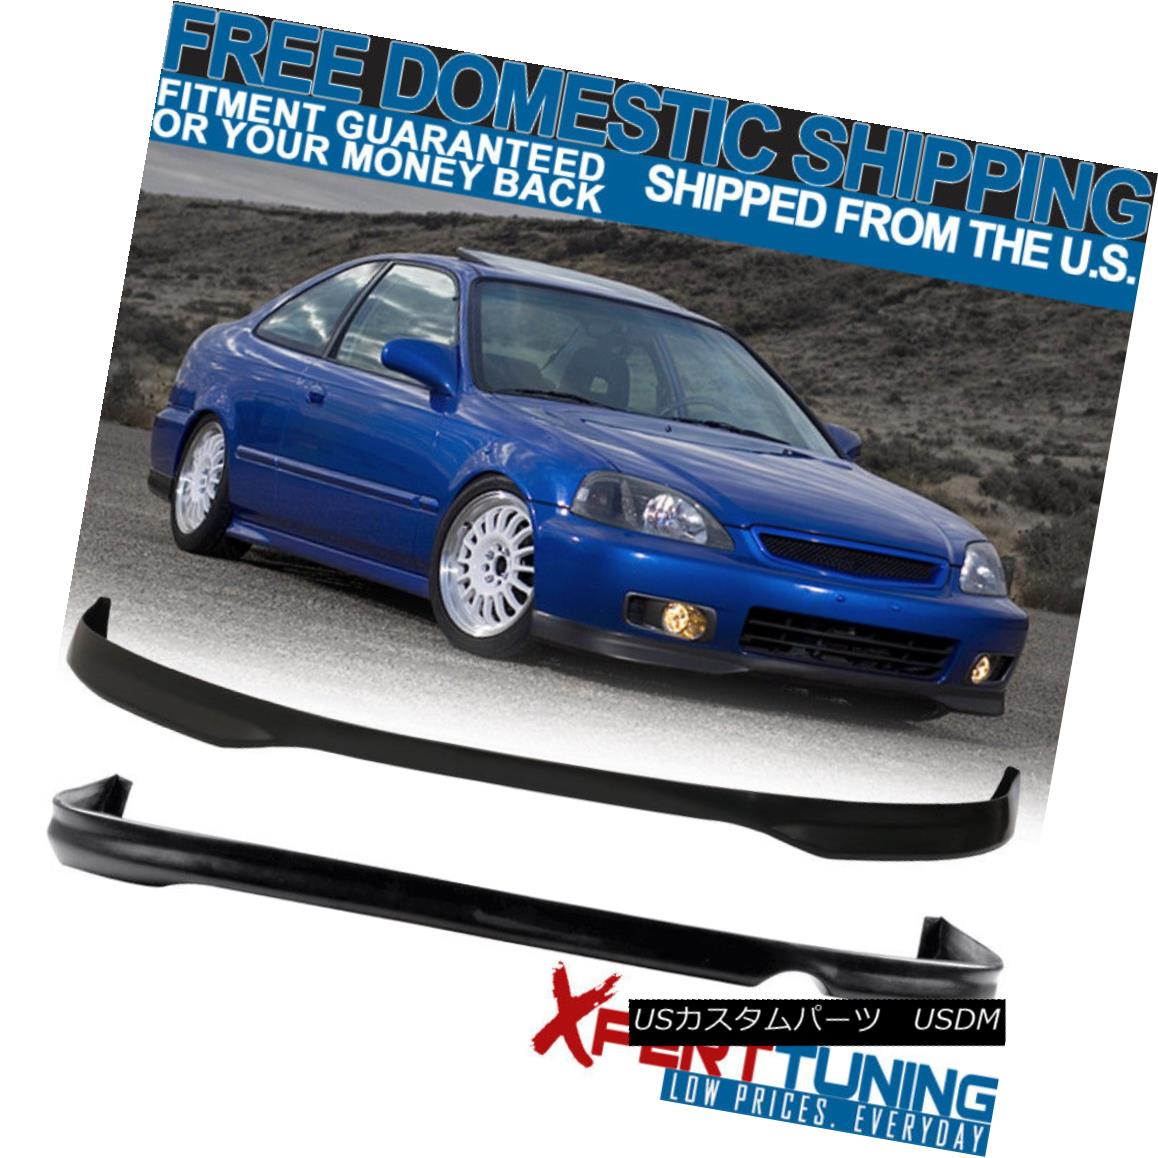 エアロパーツ Fits 1996-1998 Honda Civic EK 2 4Dr T-R Polypropylene Front + Rear Bumper Lip 適合1996-1998ホンダシビックEK 2 4Dr T-Rポリプロピレンフロント+リアバンパーリップ